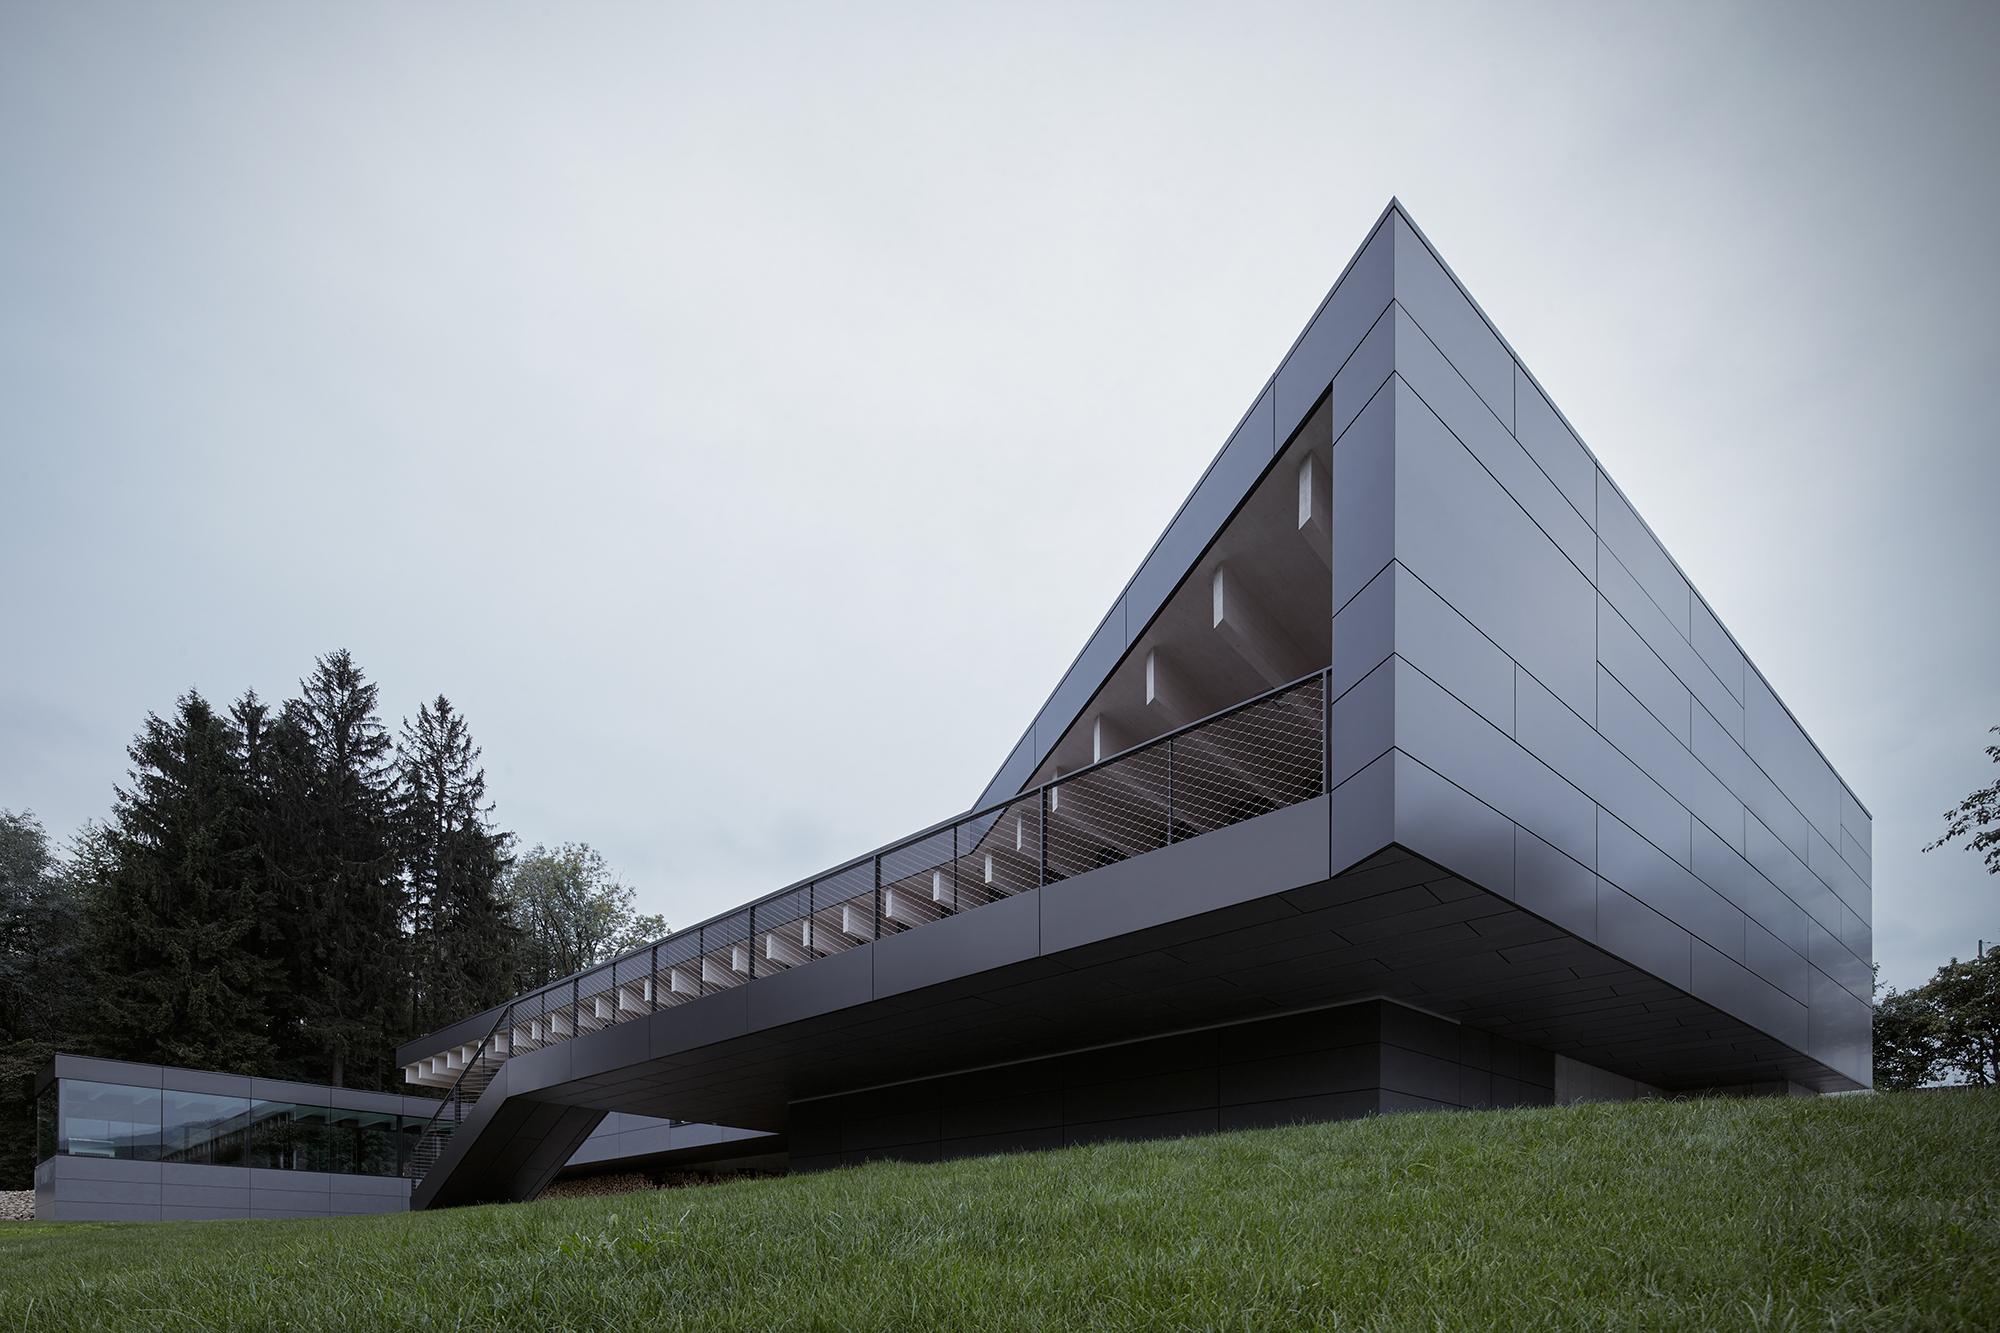 03_Letni_dum_Celadna_CMC_architects_BoysPlayNice.jpg